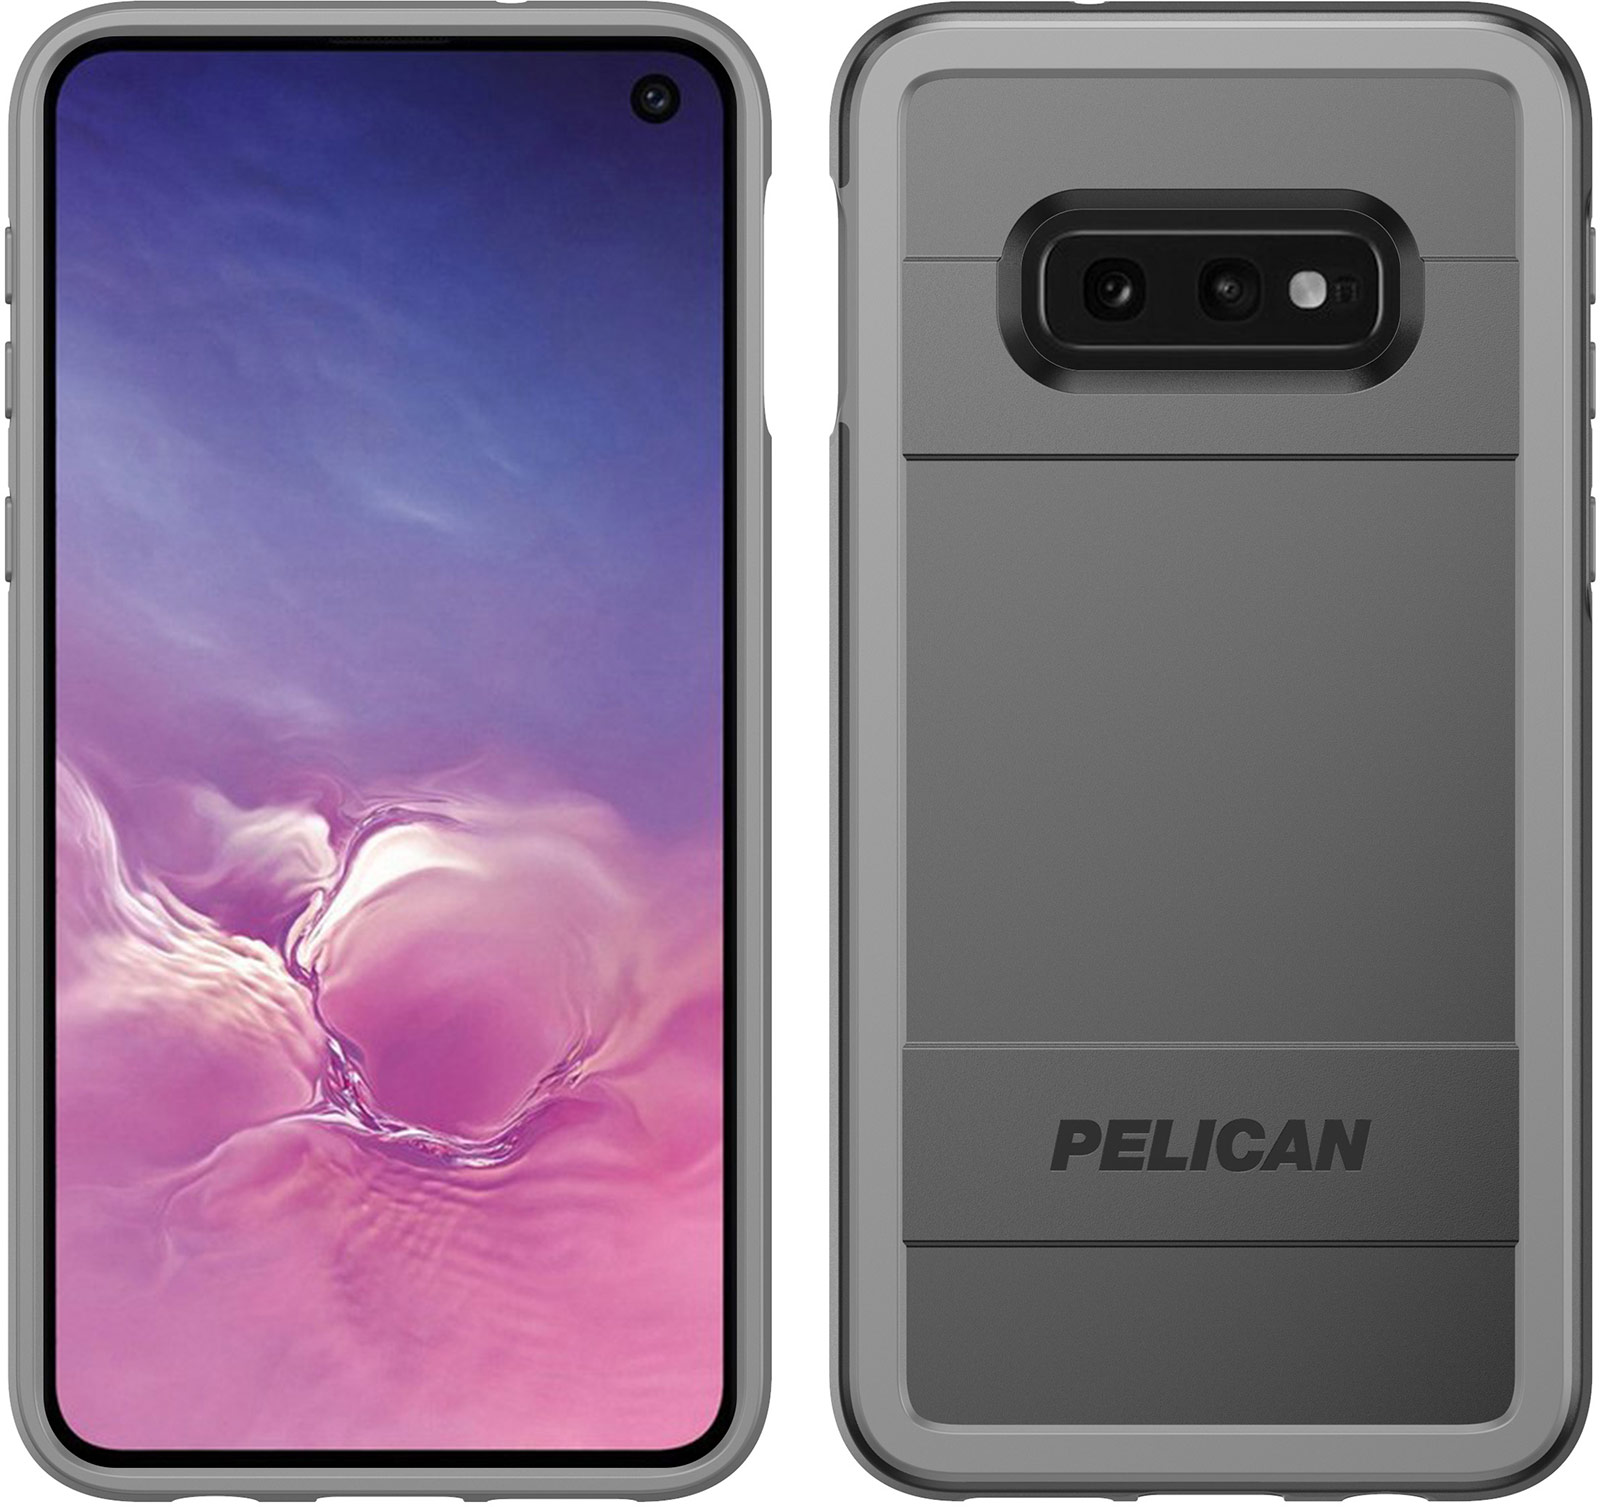 pelican samsung galaxy s10e protector ams phone case